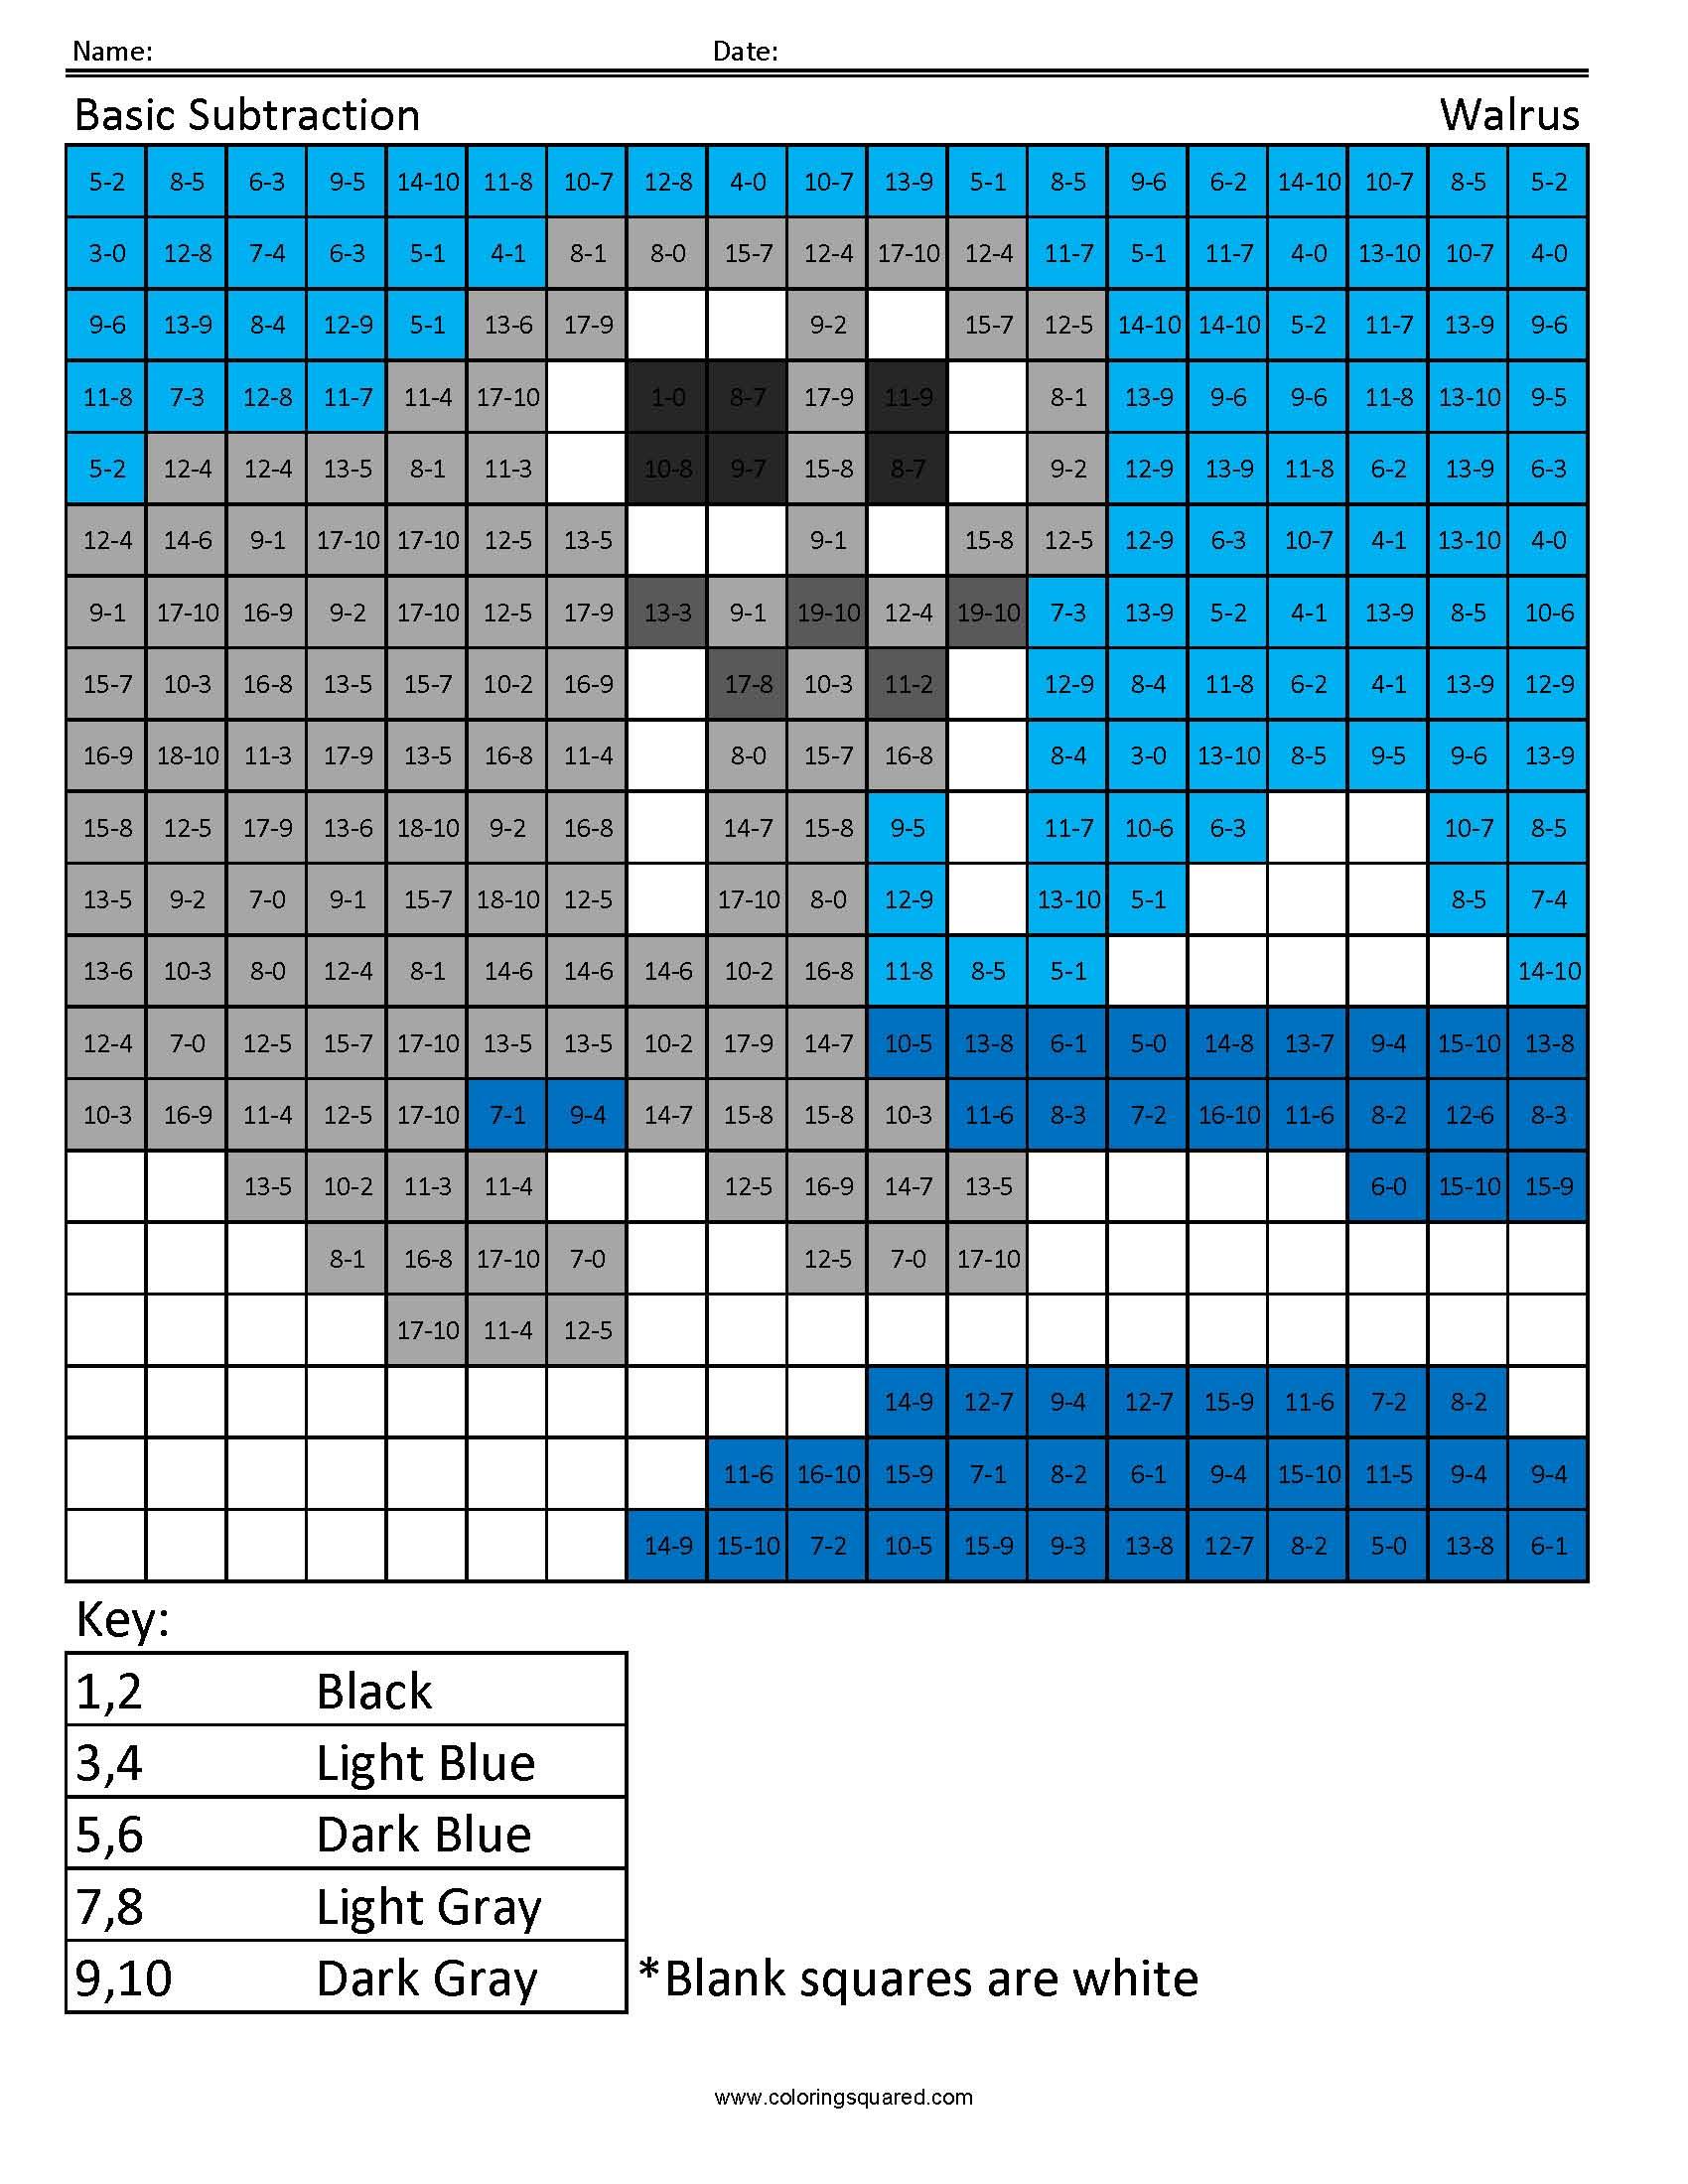 Practice Subtraction Walrus